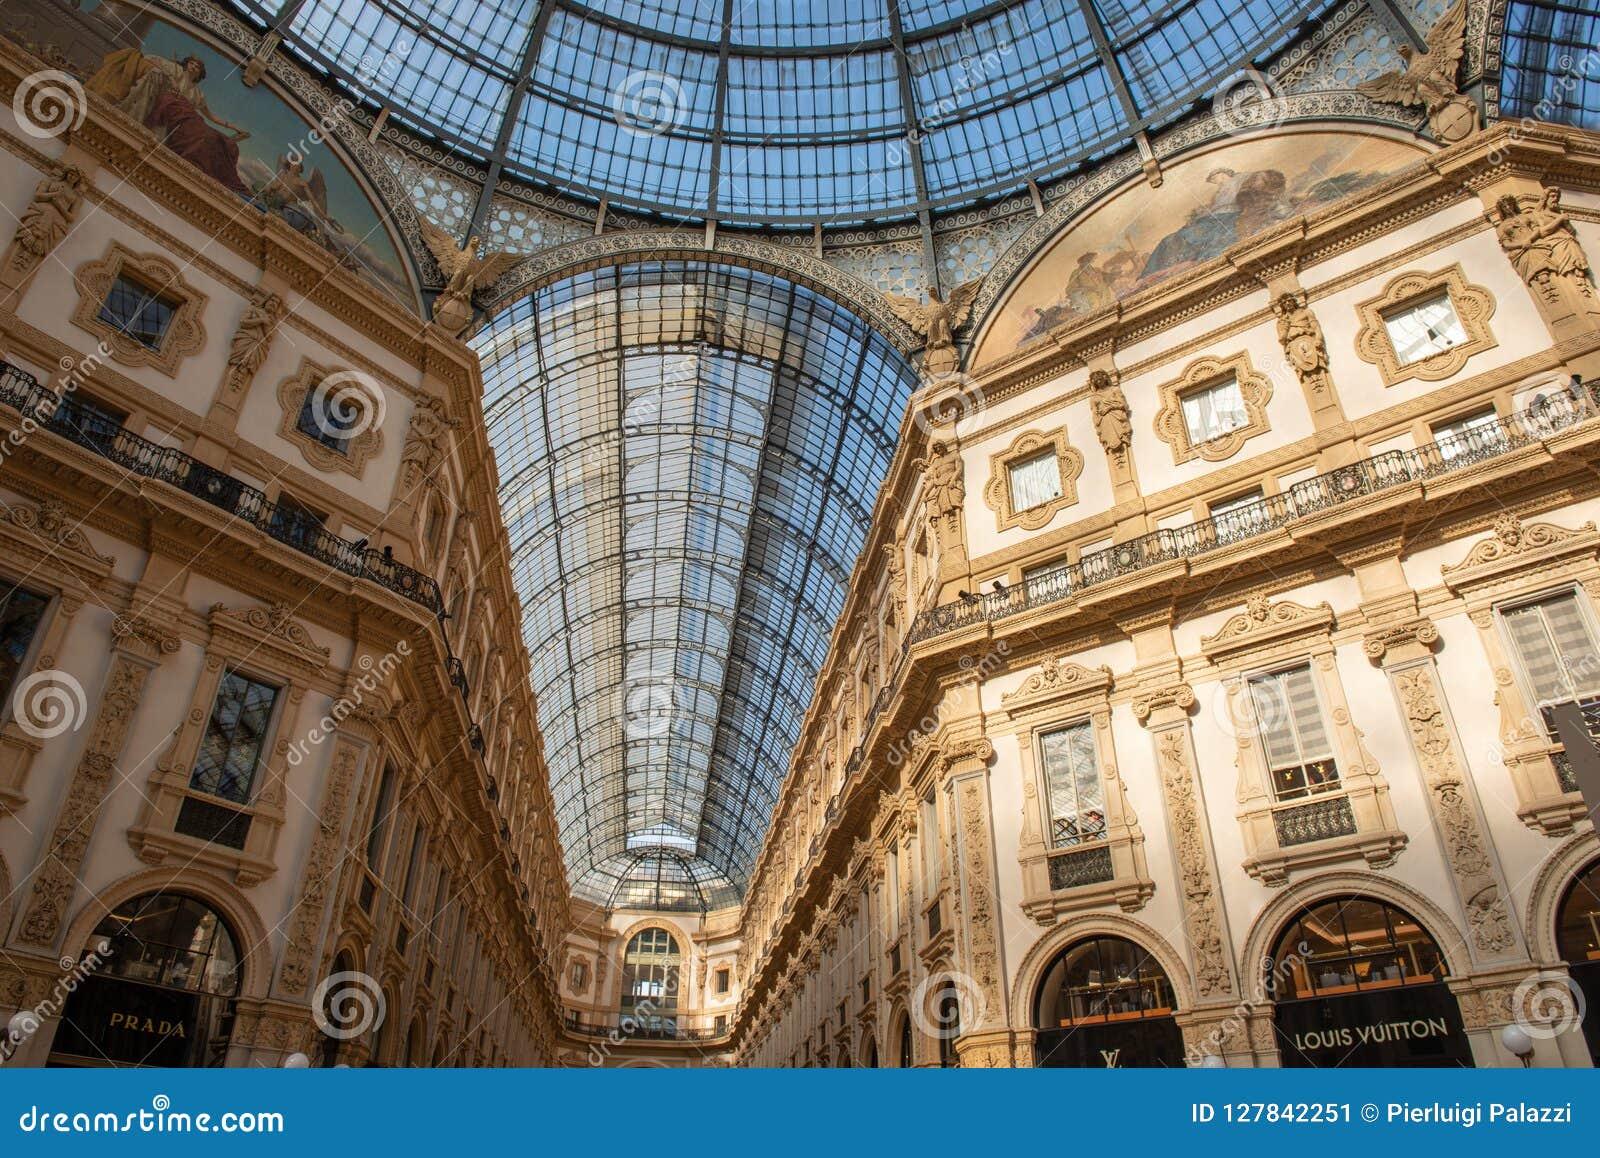 Elegant Shops In Galleria Vittorio Emanuele In Milan ...